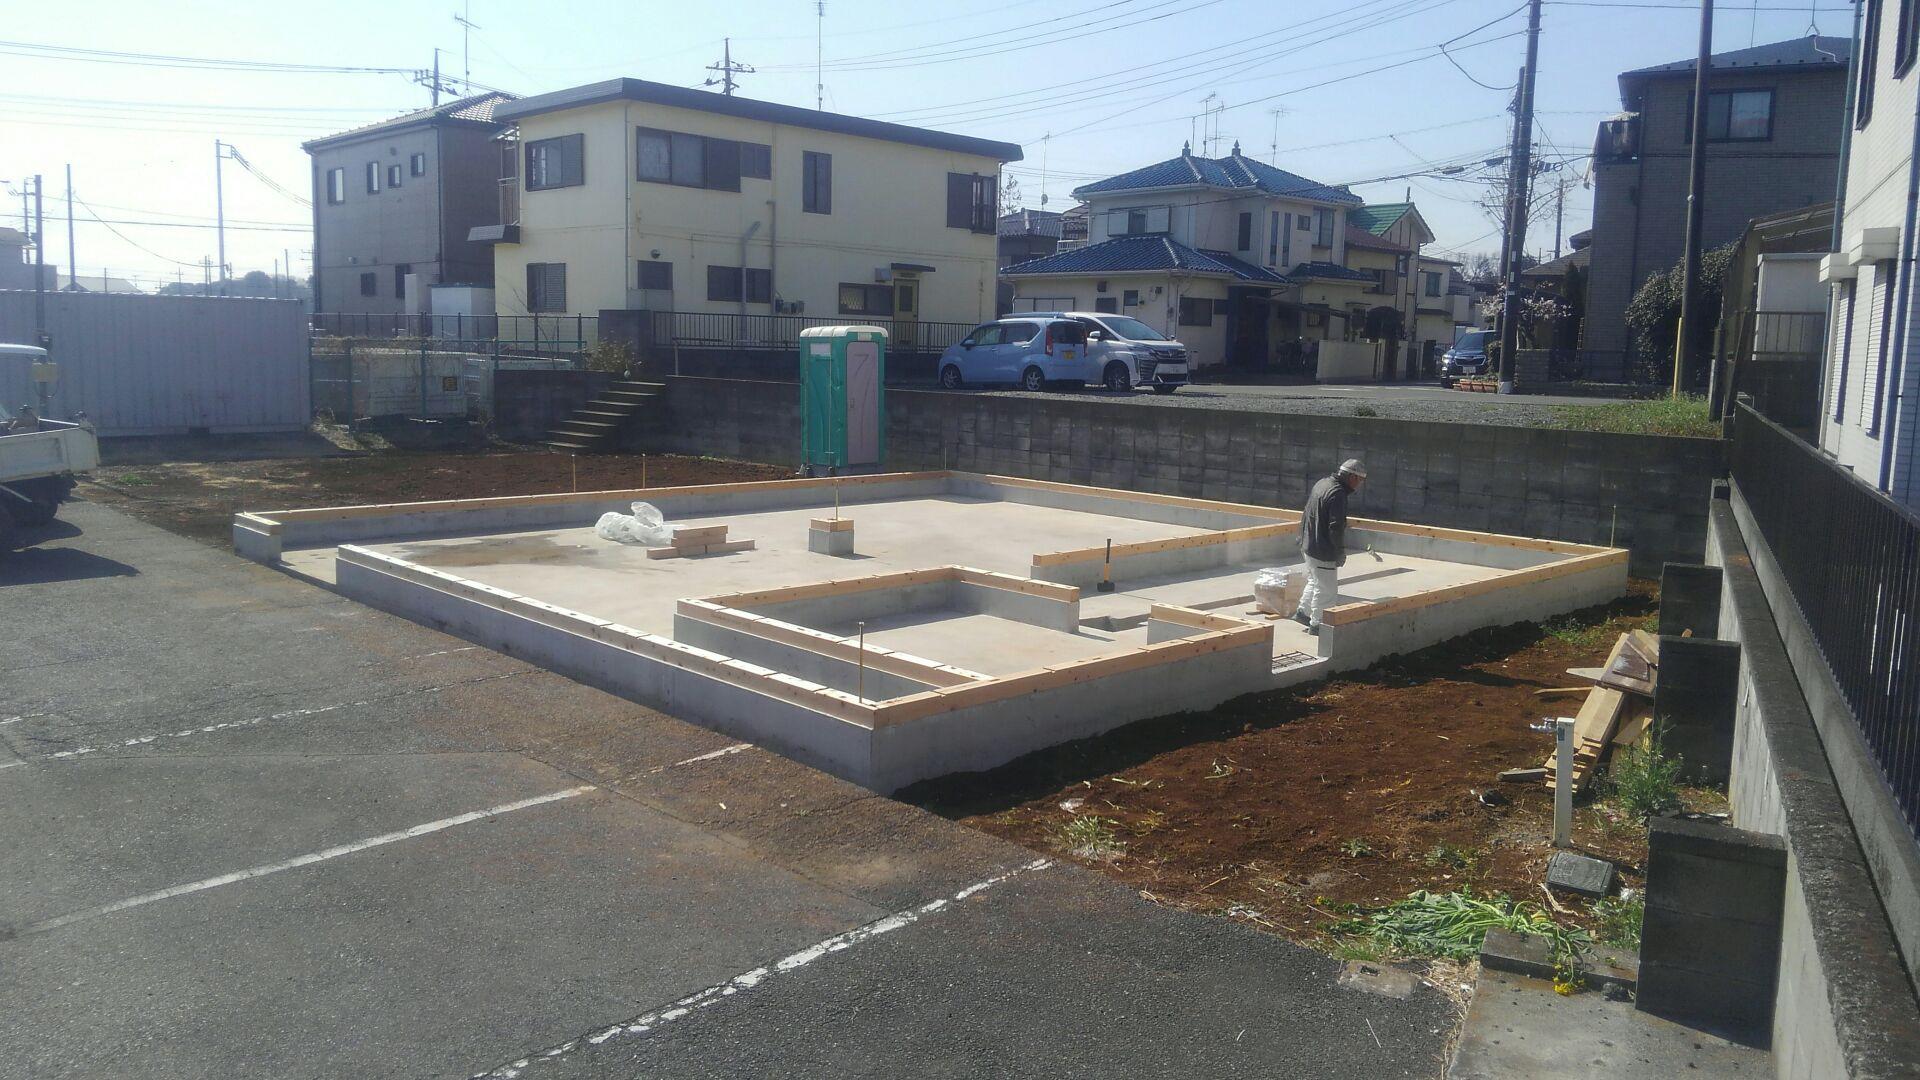 土台敷き完了です。まもなく上棟棟上げです。